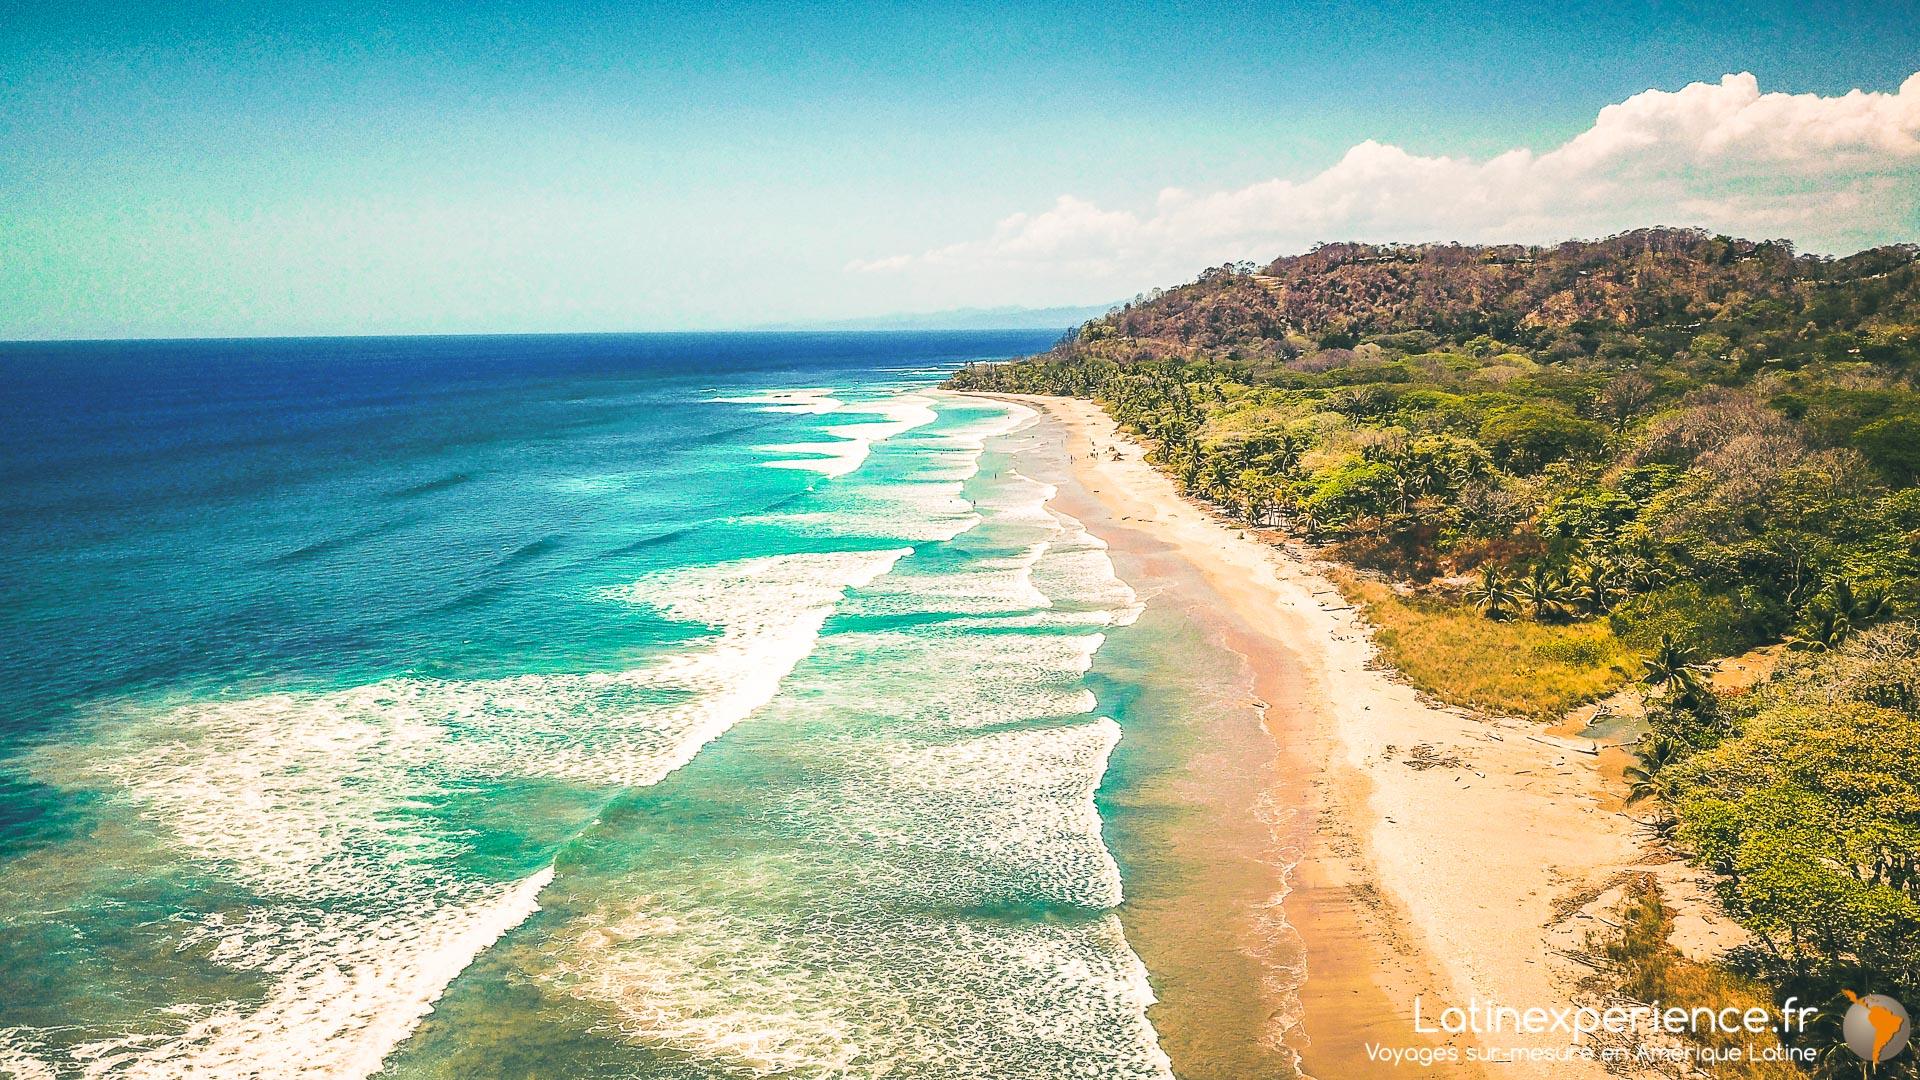 Costa Rica - Voyage de noces - Peninsule de Nicoya